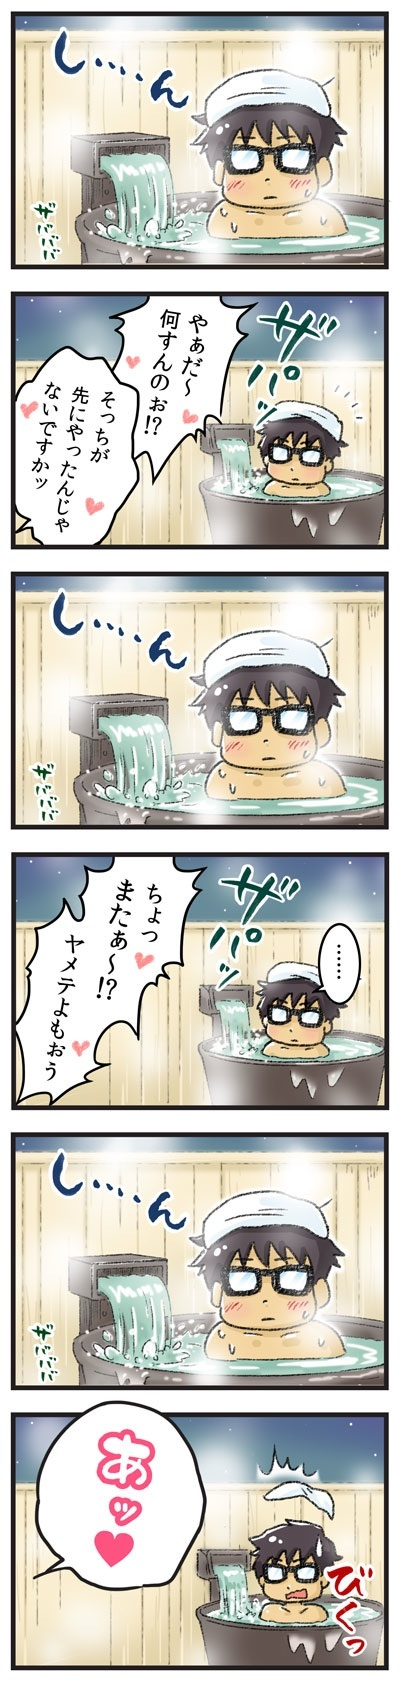 混浴ウォッチ3 ゆむい